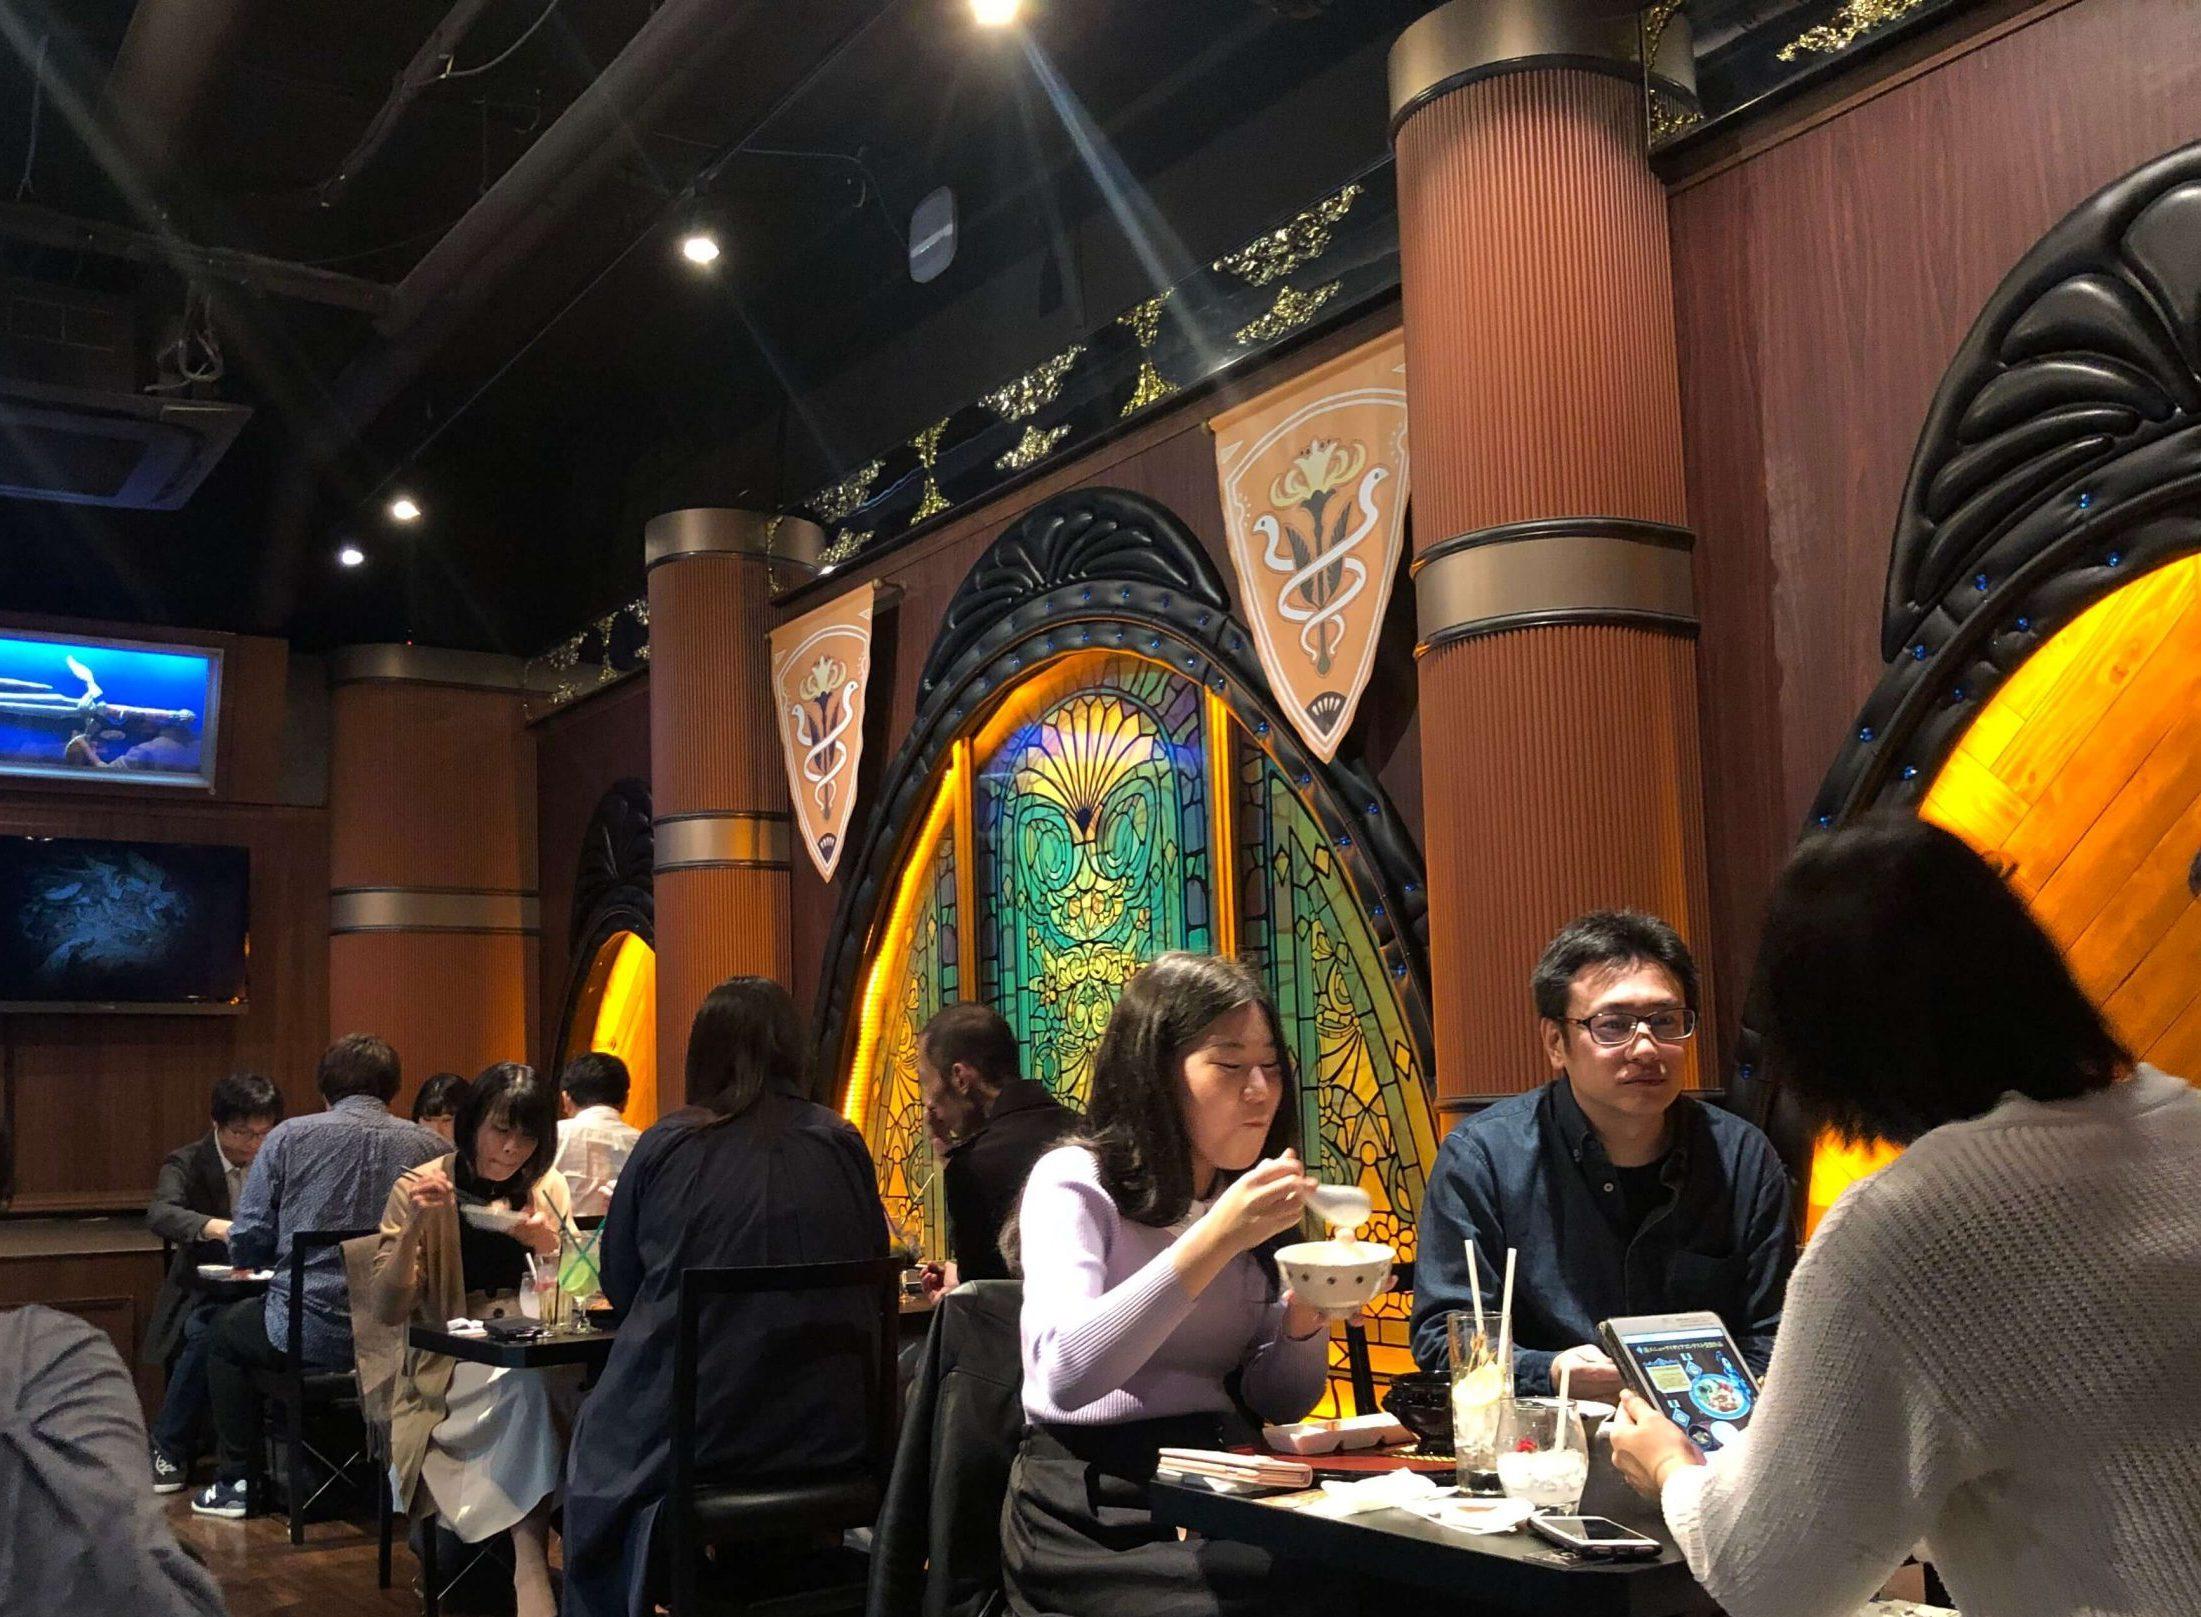 Eorzea Cafes in Japan | Final Fantasy XIV Cafe